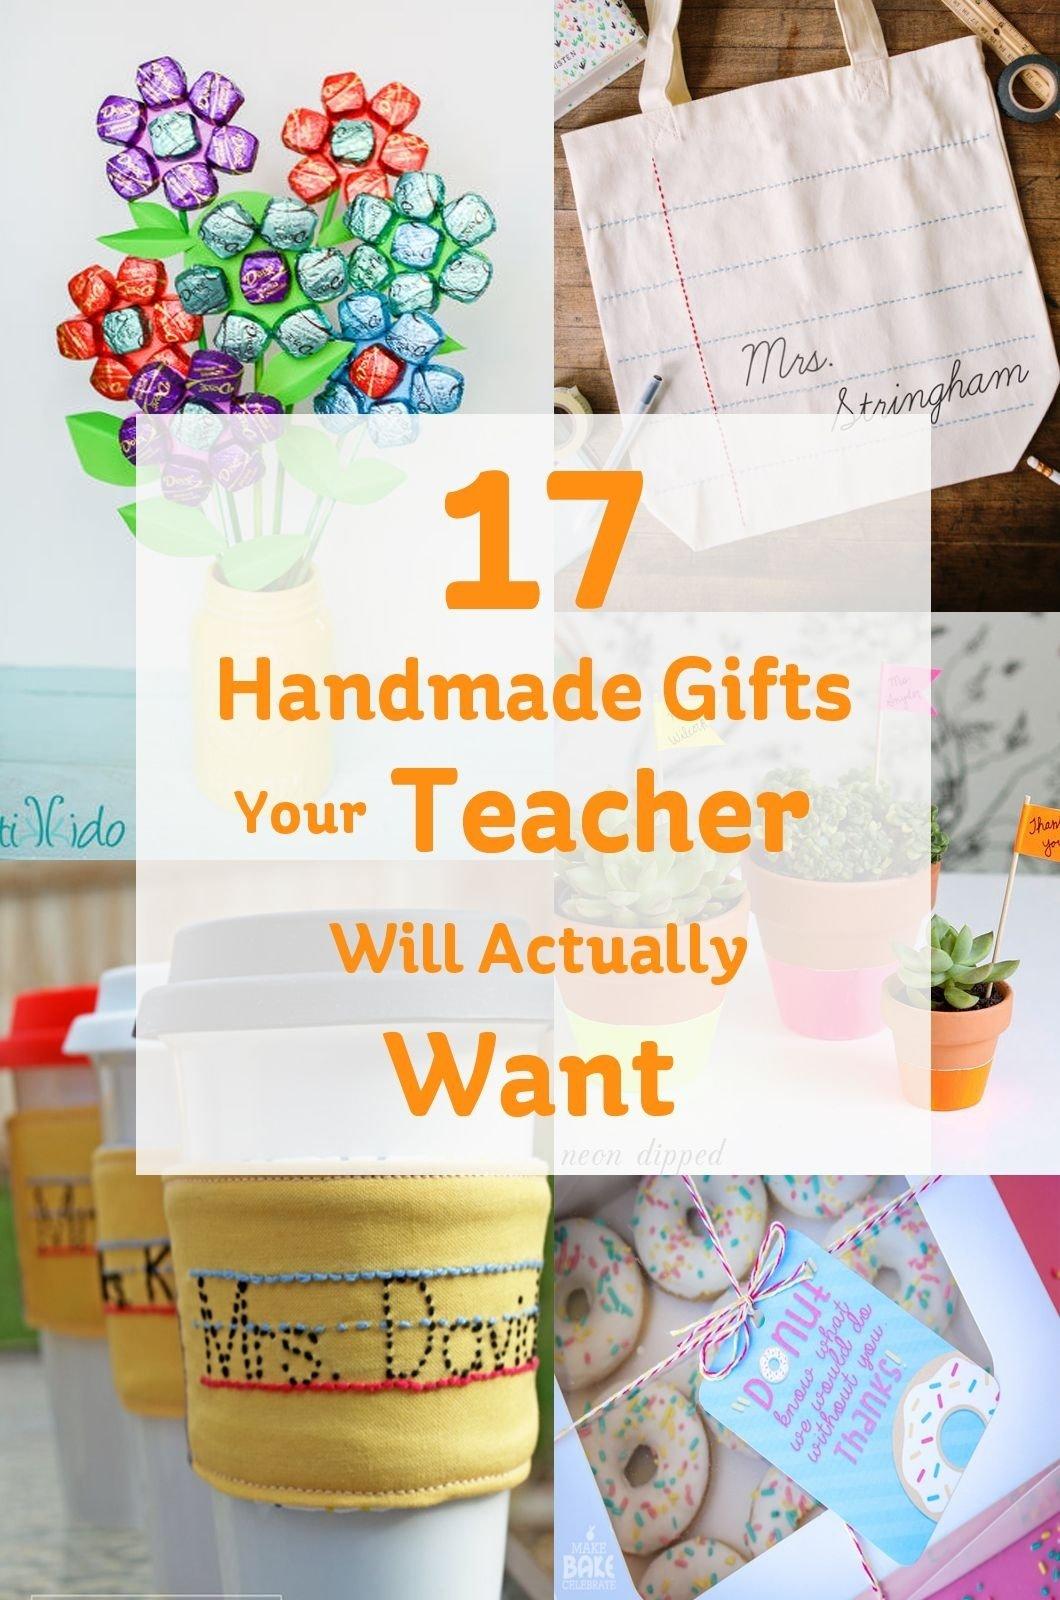 10 Best Teacher Appreciation Homemade Gift Ideas handmade gifts your teacher will actually want teacher and gift 2020